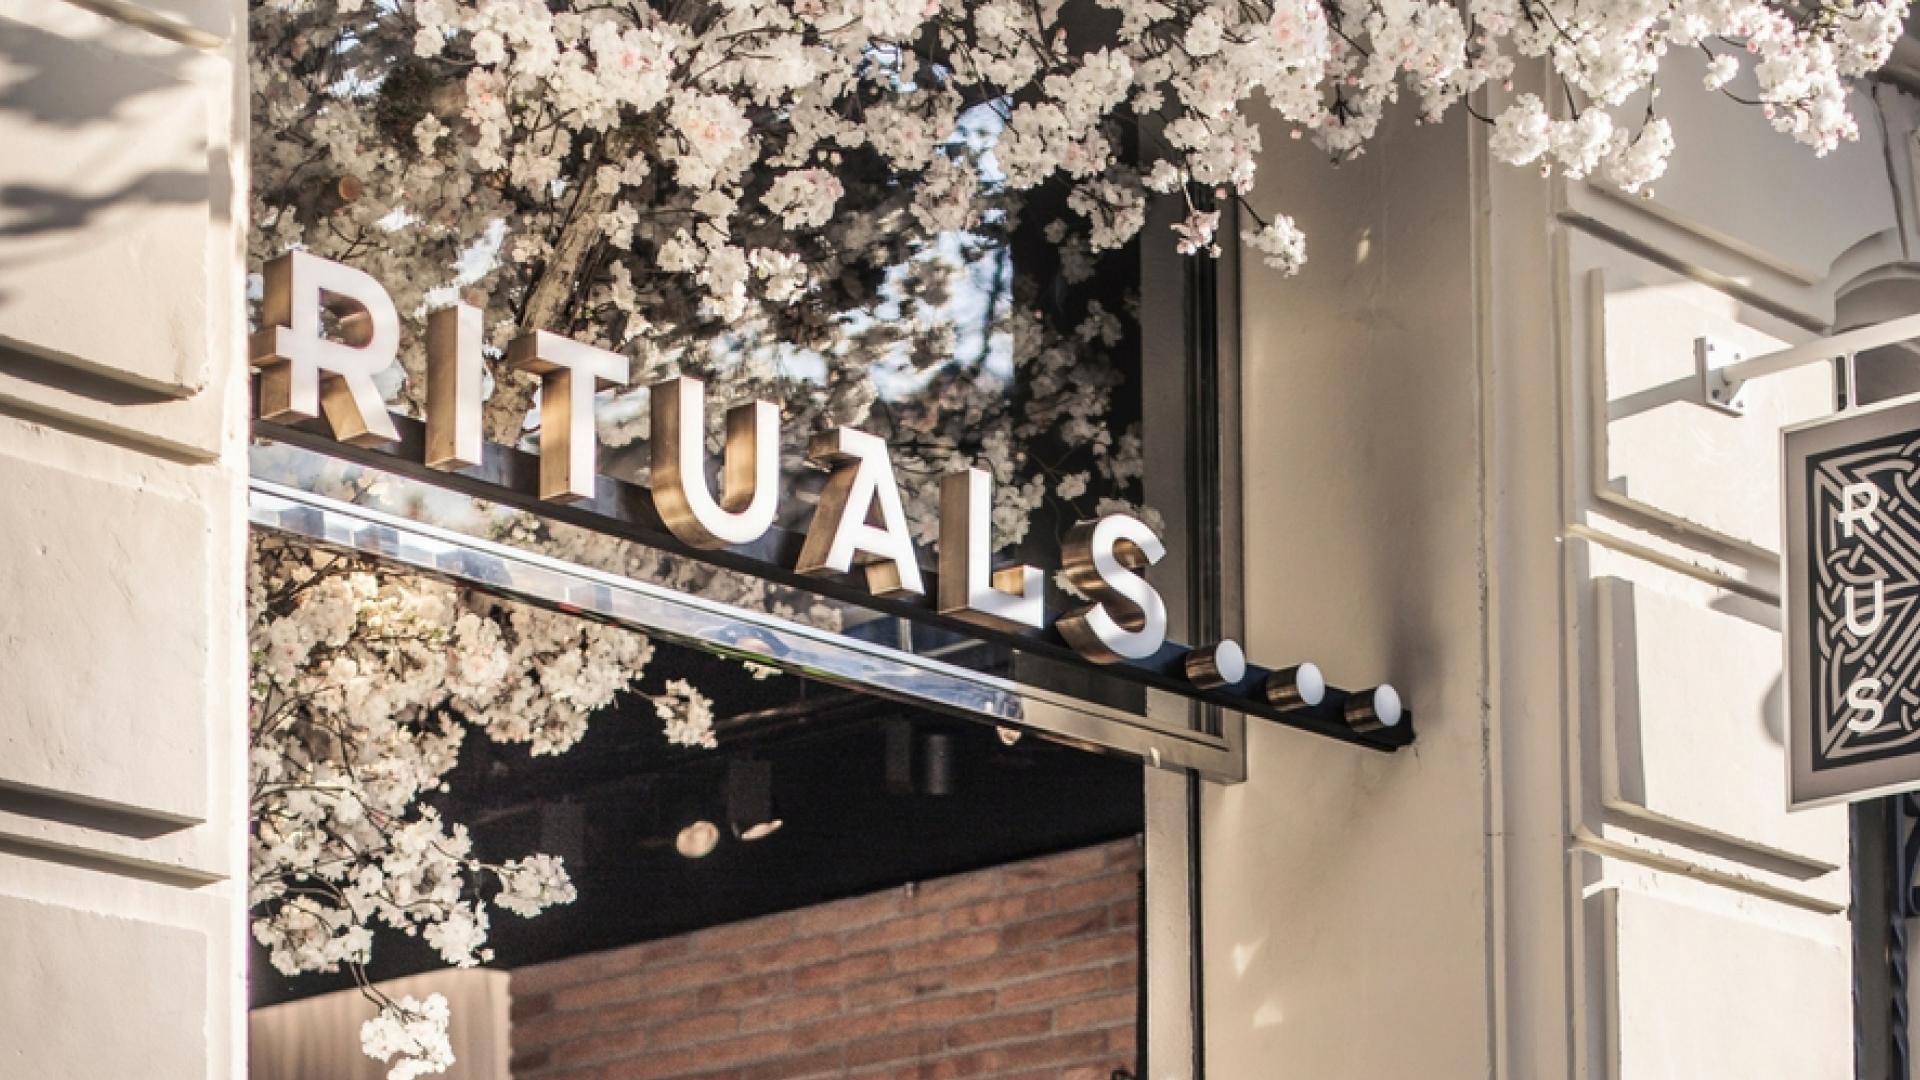 Bilde av Rituals butikkfasade med skilt